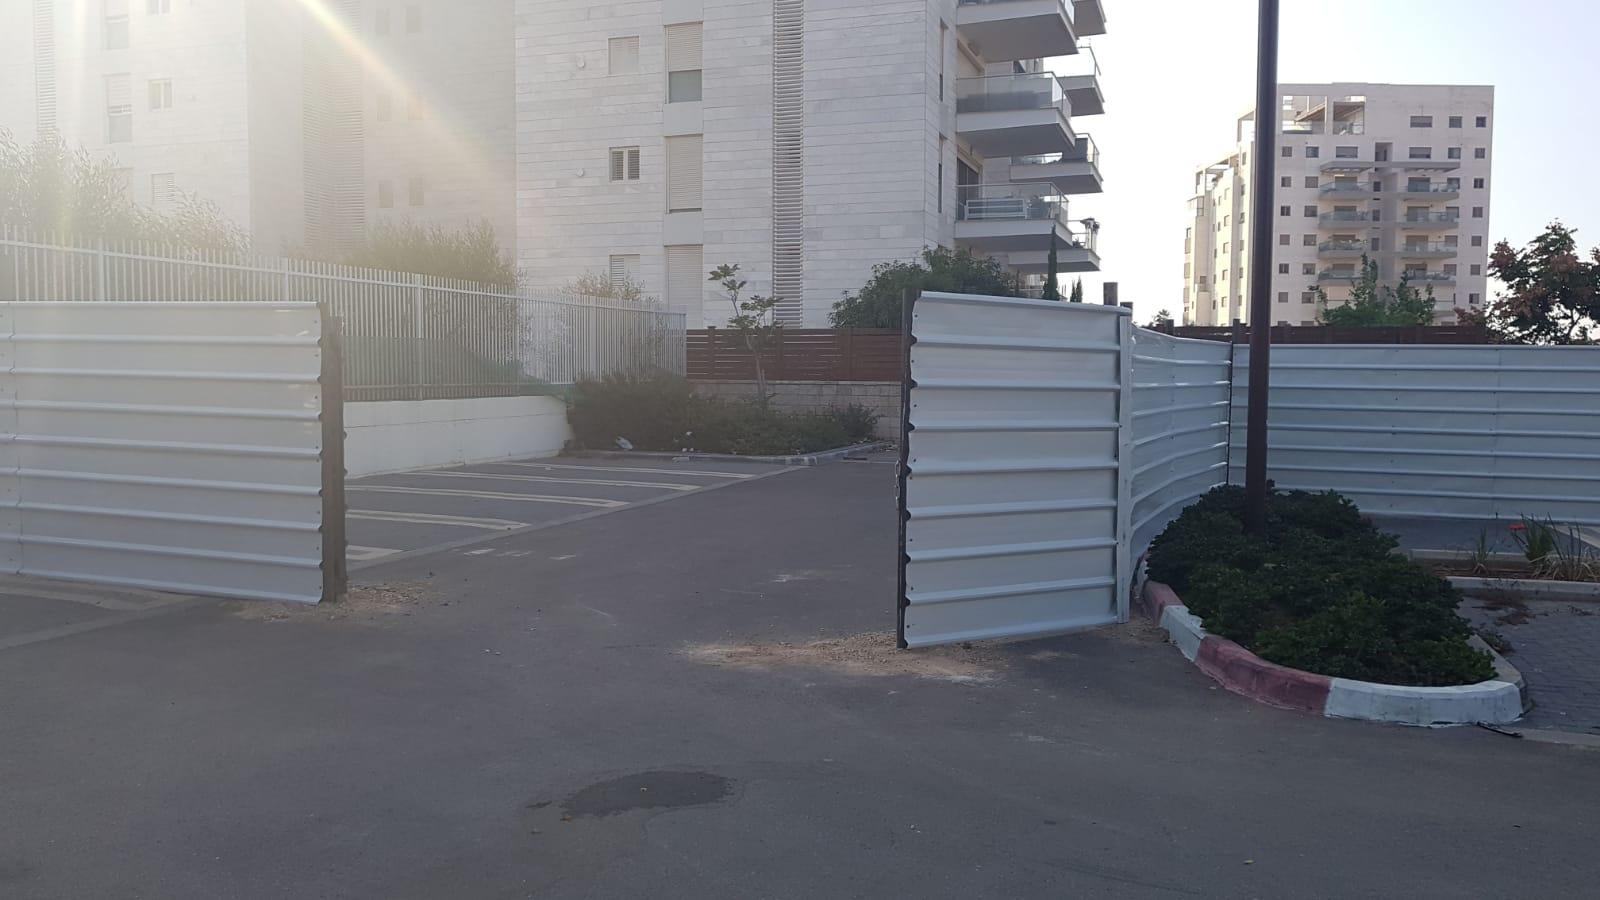 הגדר שהוצבה במקום שבו אמורות להתבצע העבודות. צילום באדיבות ההורים